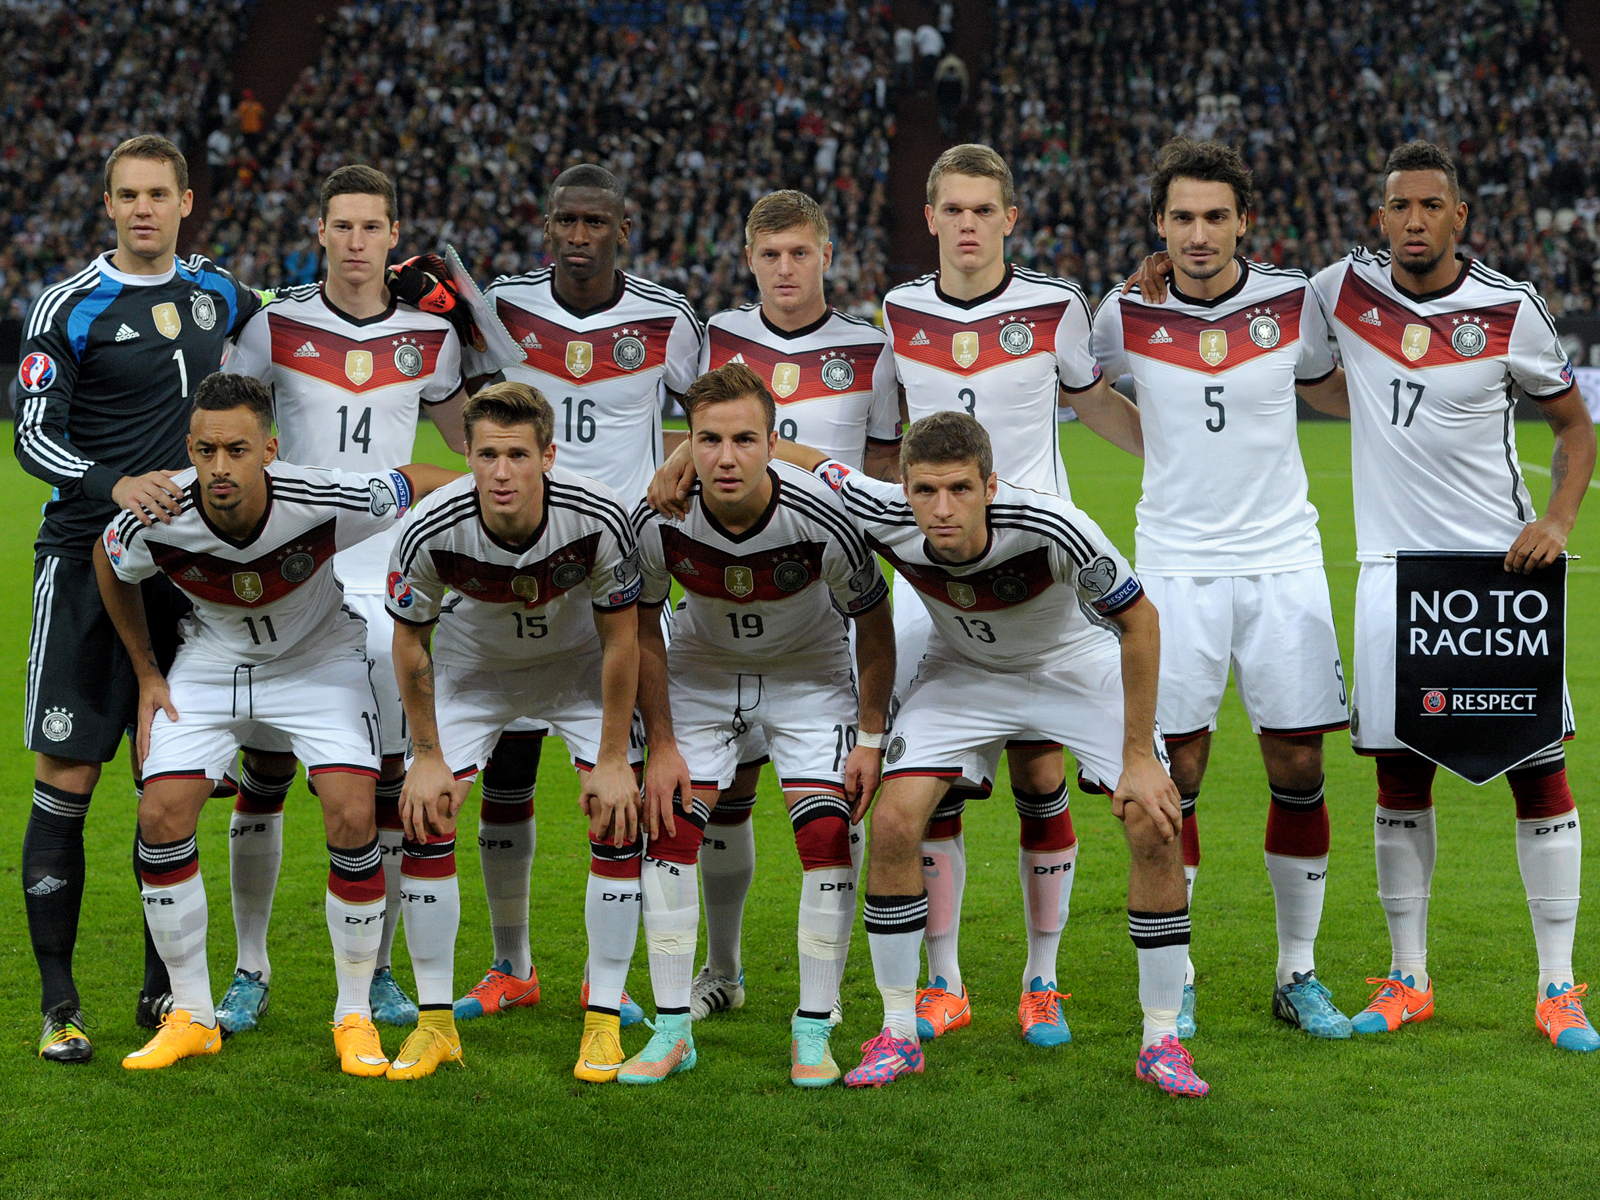 Deutsche Weltmeister 2017